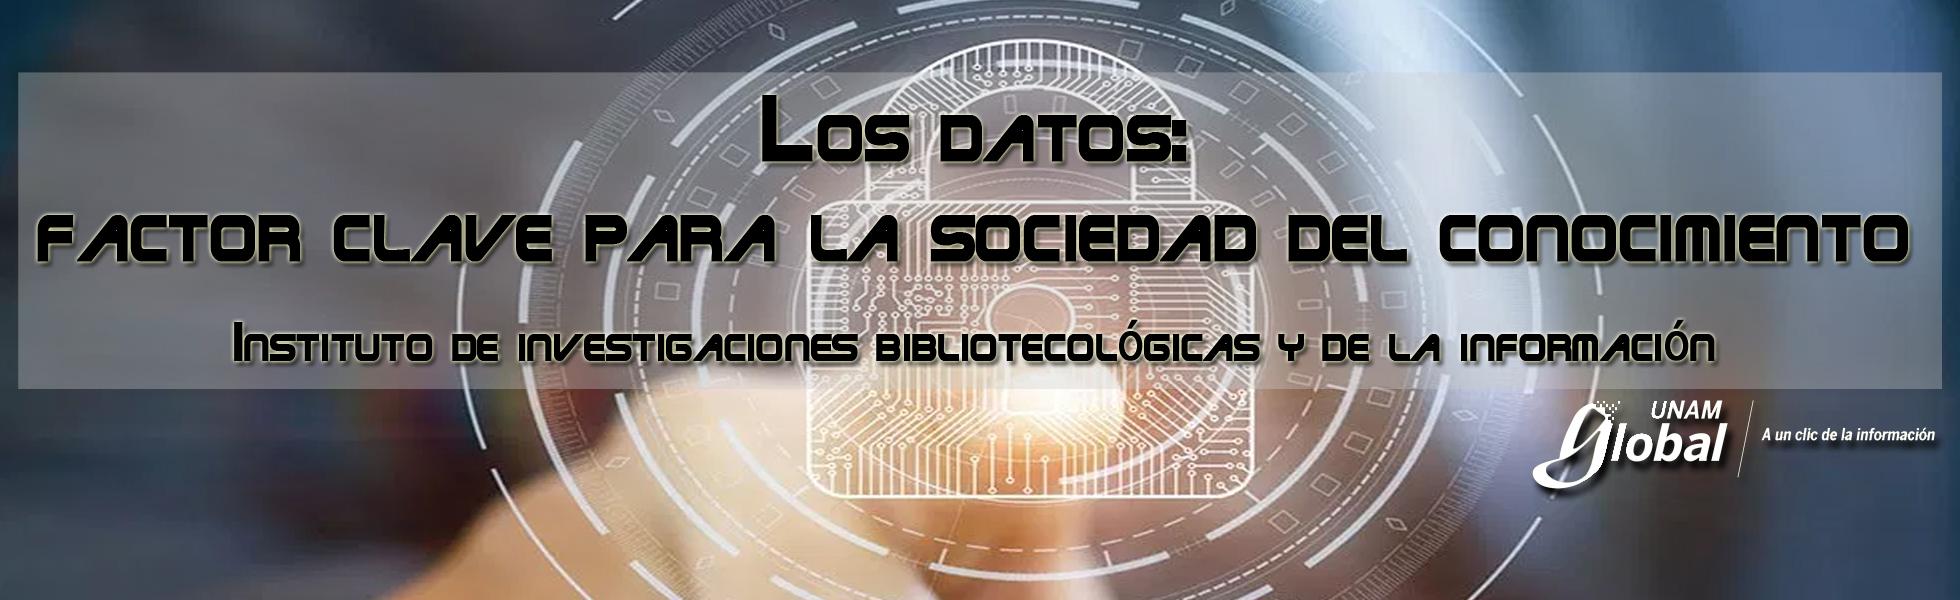 Los datos: factor clave para la sociedad del conocimiento